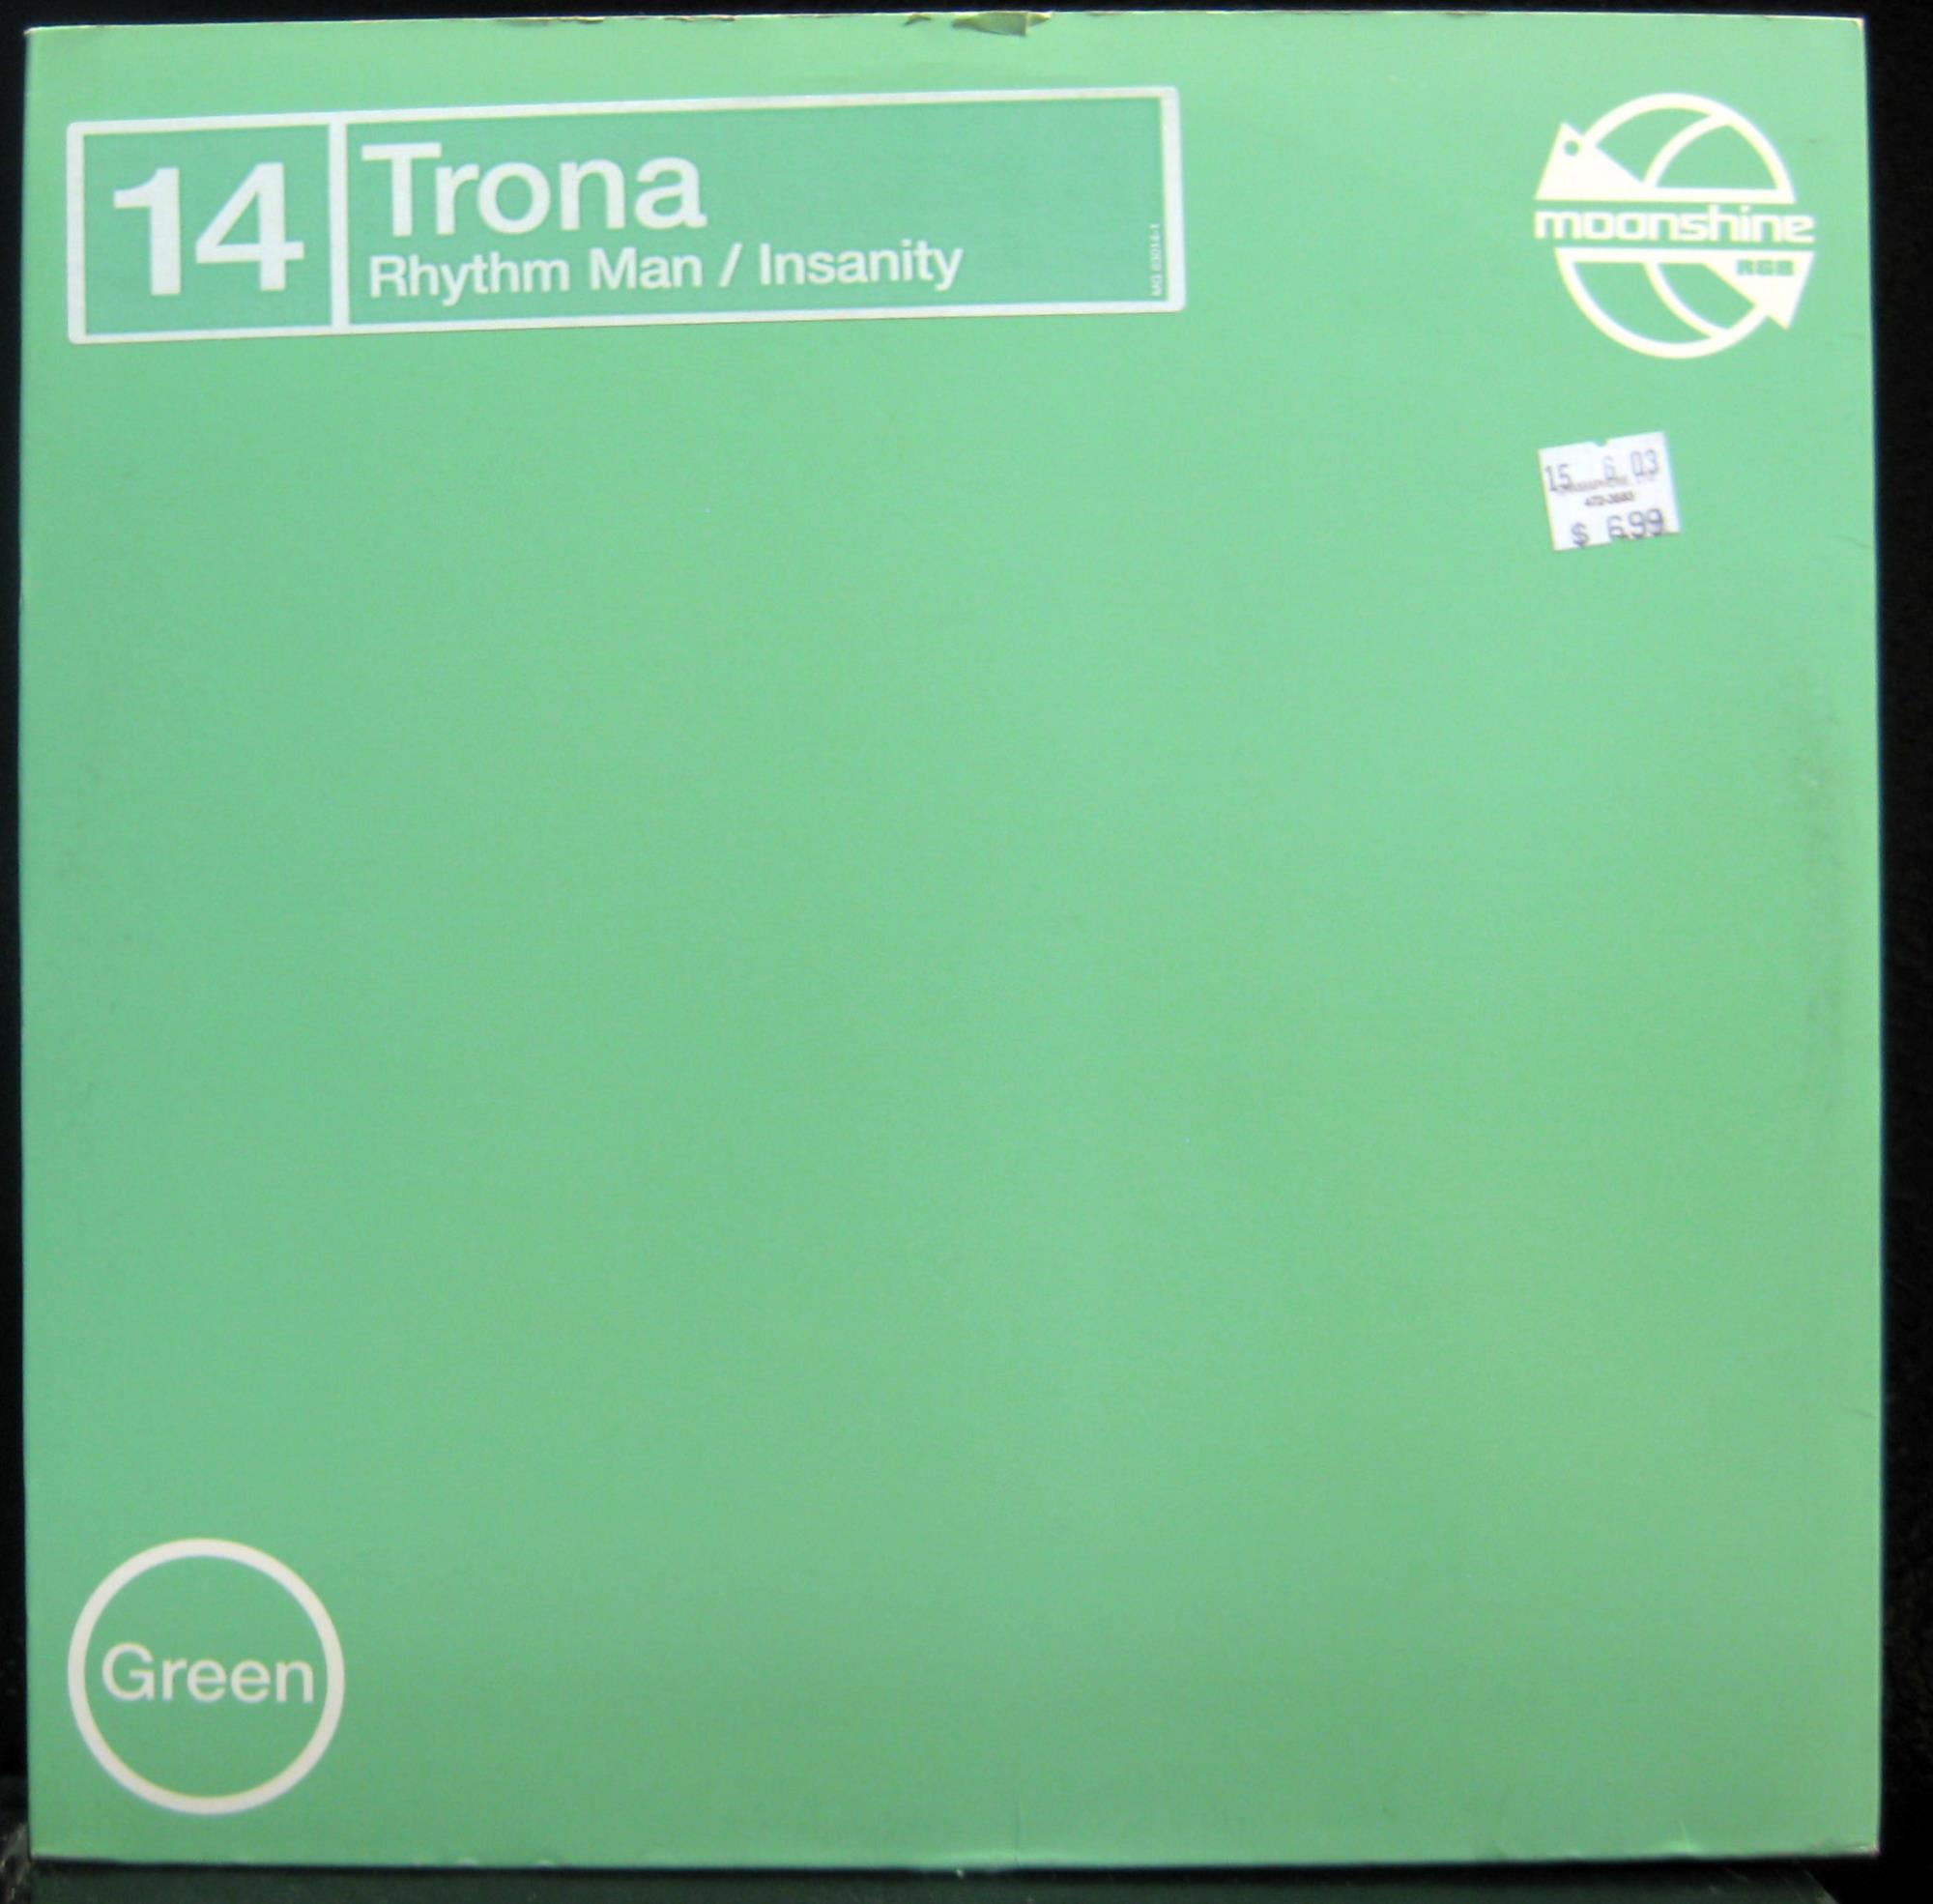 Trona Rhythm Man